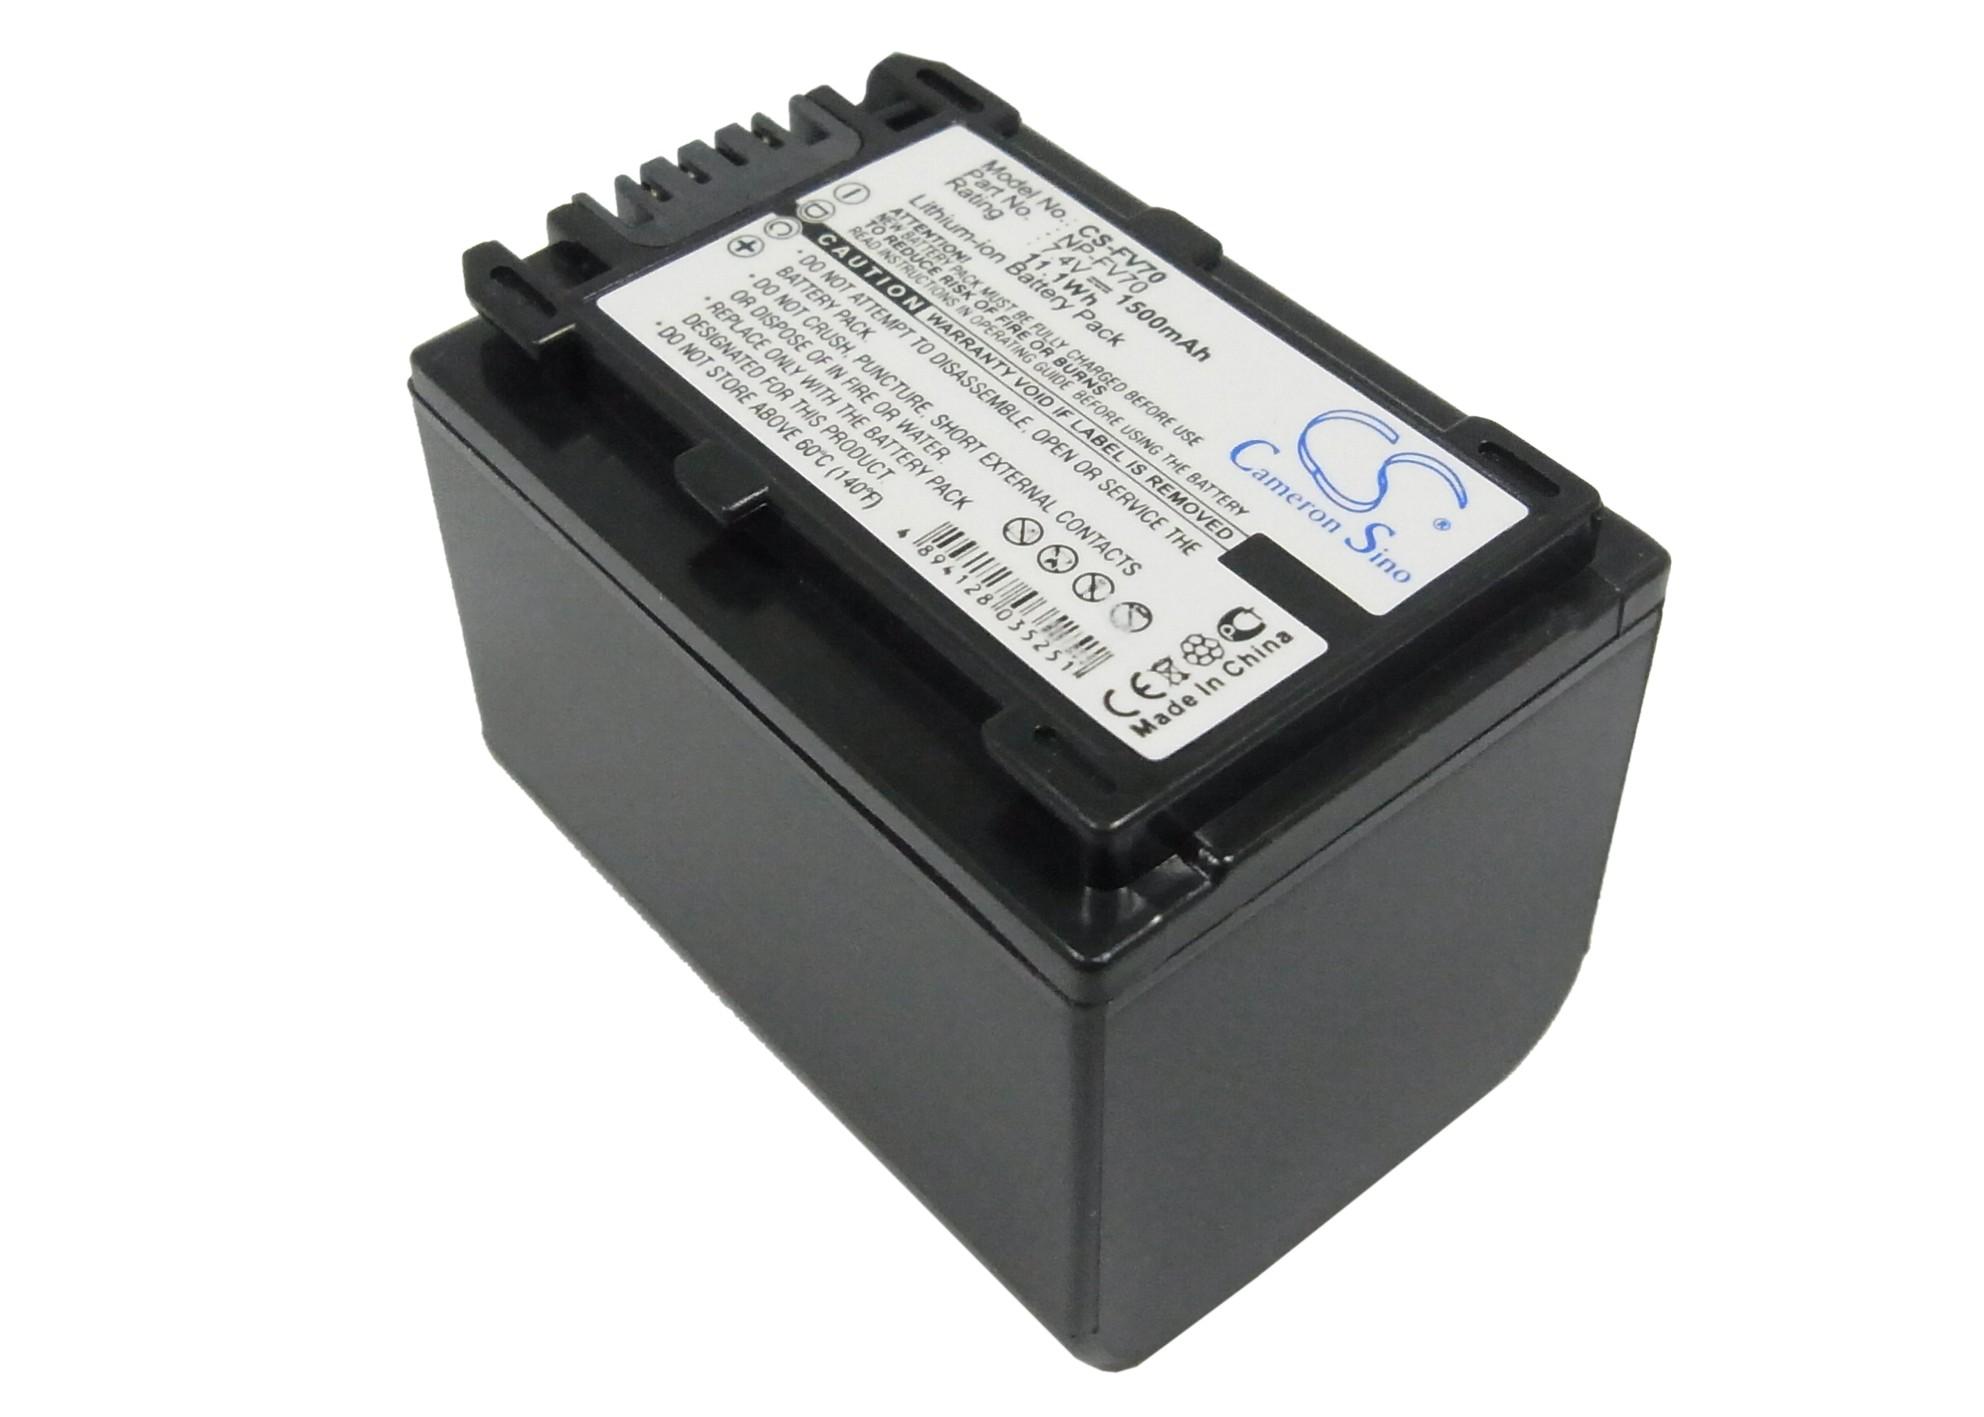 Cameron Sino baterie do kamer a fotoaparátů pro SONY HDR-CX160E 7.4V Li-ion 1500mAh černá - neoriginální